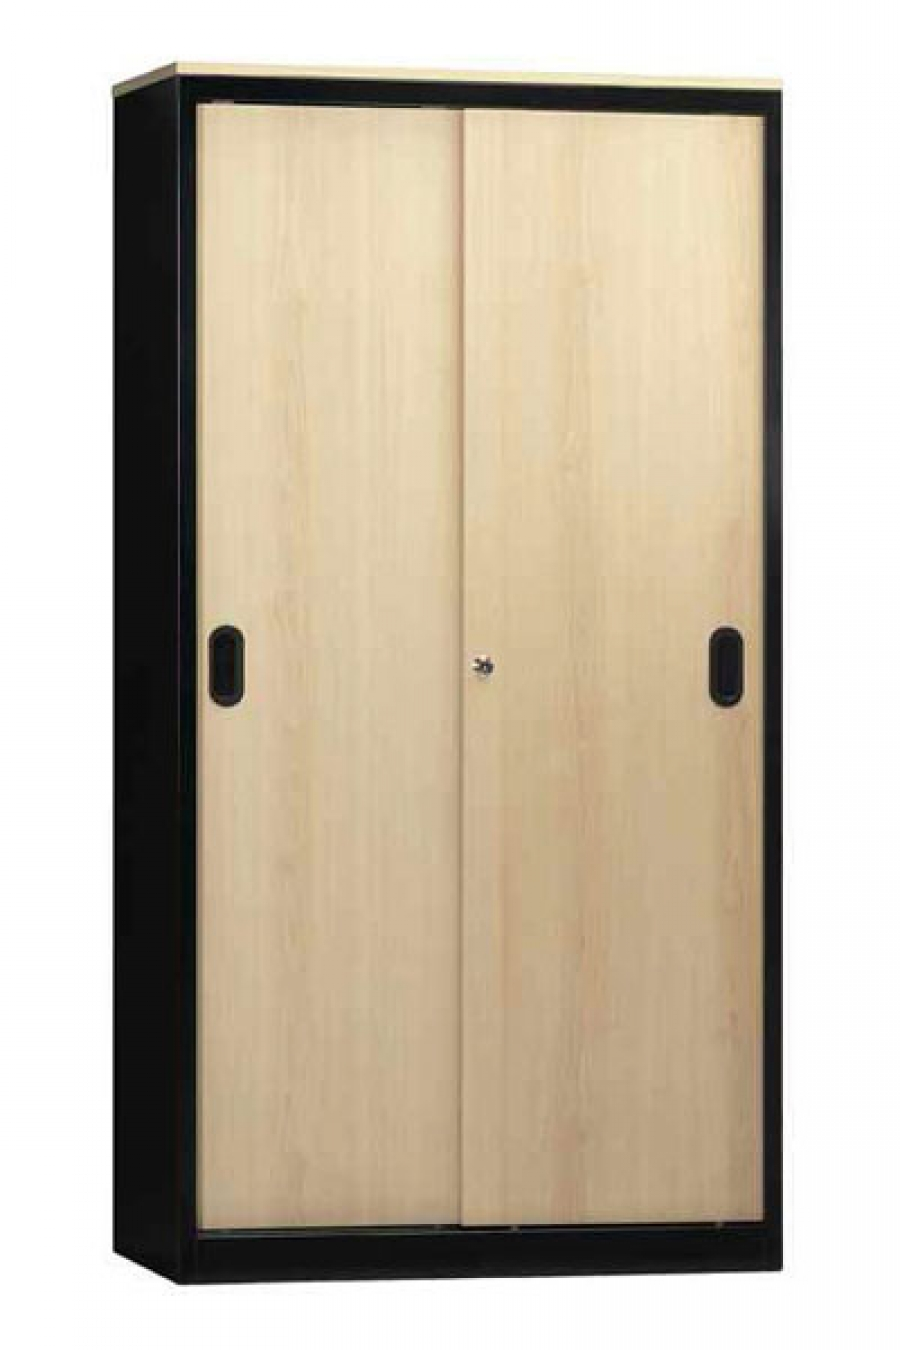 Armarios con puertas correderas - Armario ropero puertas correderas ...